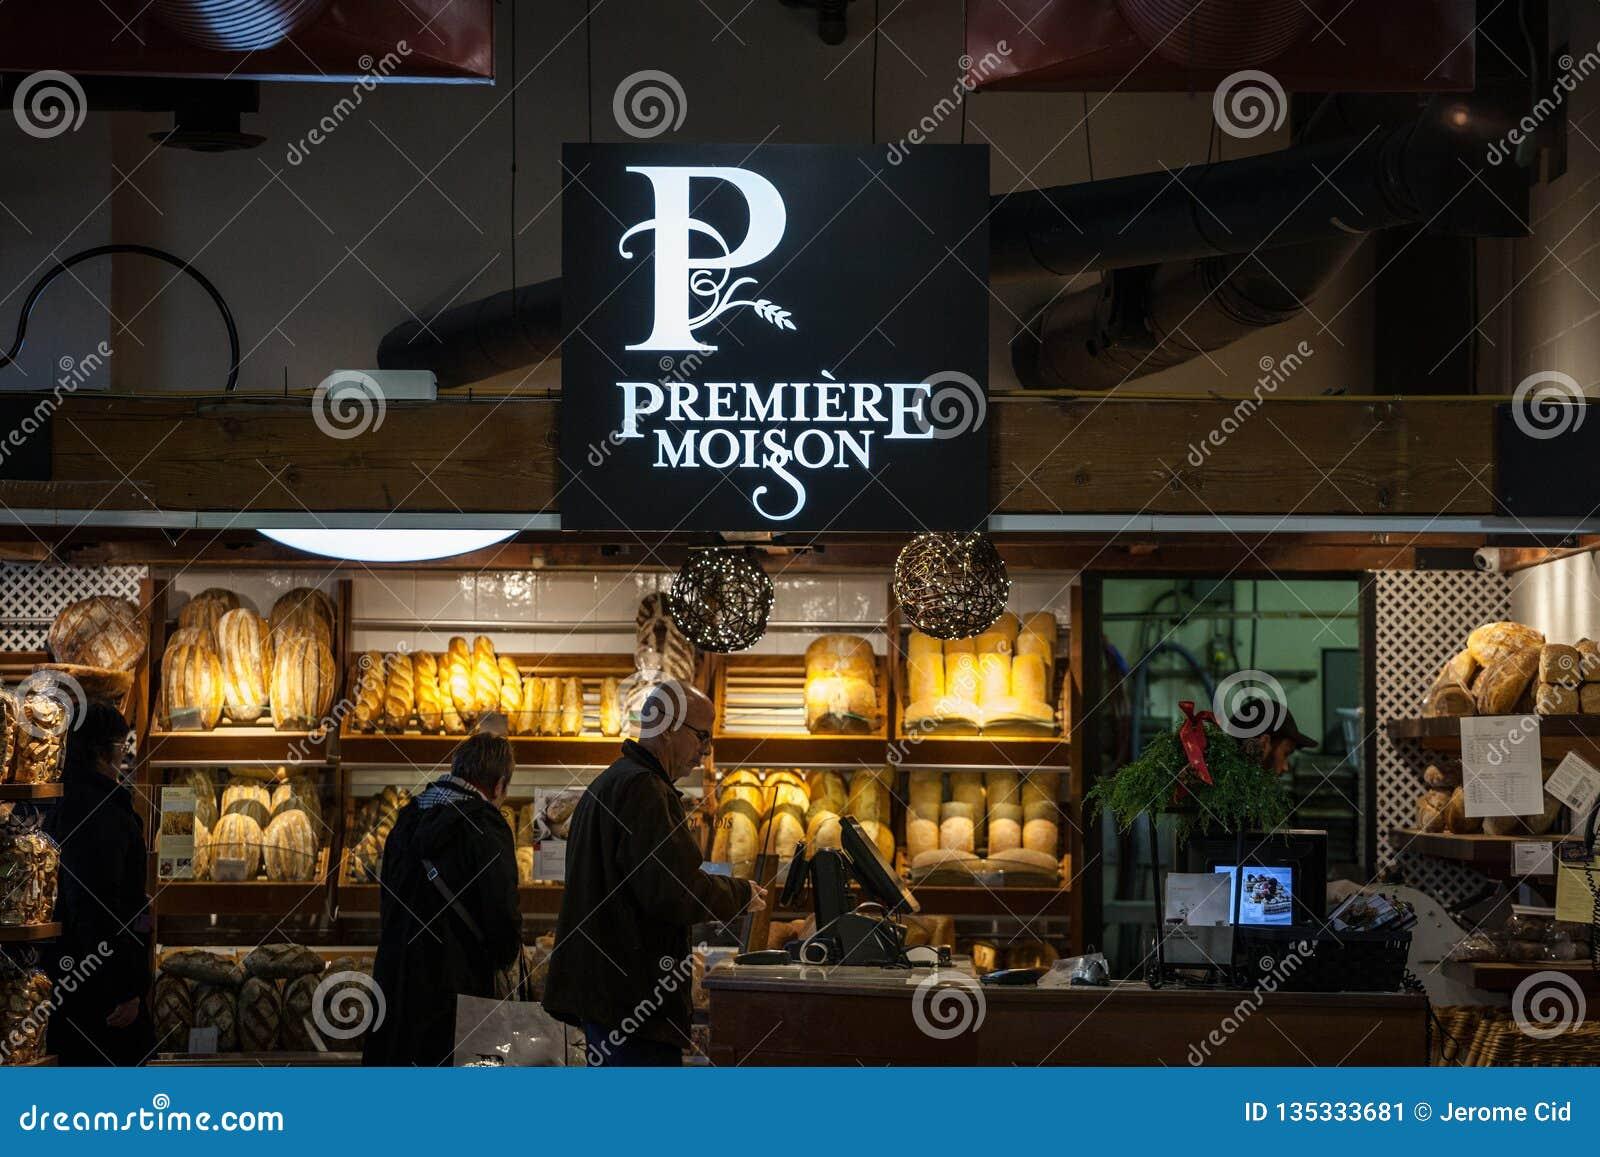 Logotipo de Moisson de la premier delante de una panadería local de Montreal, Quebec La premier Moisson es una cadena canadiense